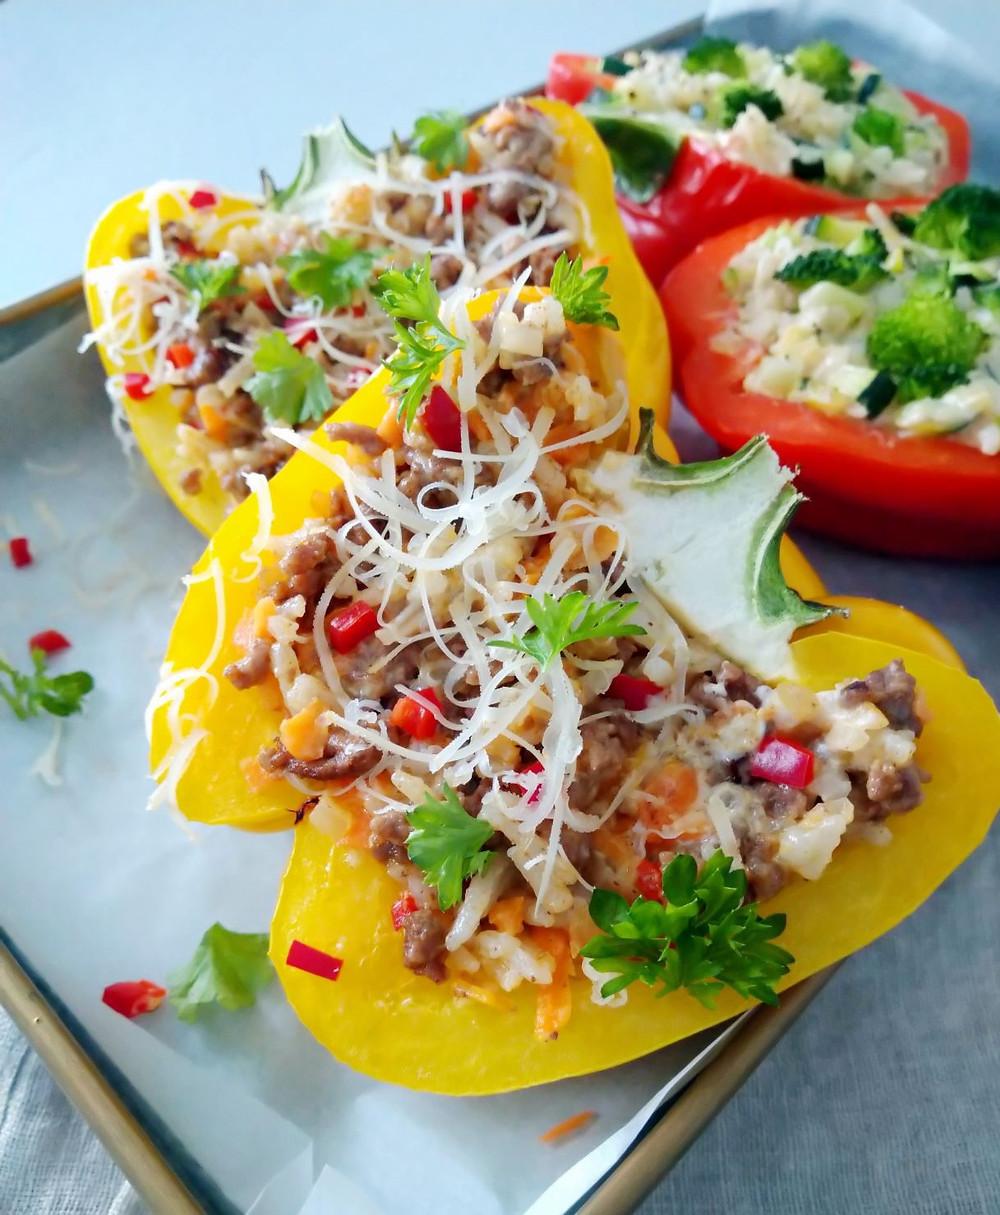 Täytetyt paprikat, kasvis, suippopaprikat, uunissa, täyte, paprikaresepti, jauheliharesepti, jauheliha, kvinoa, riisi, ruokakaura, juusto, kasvistäyte, uuniruoka,